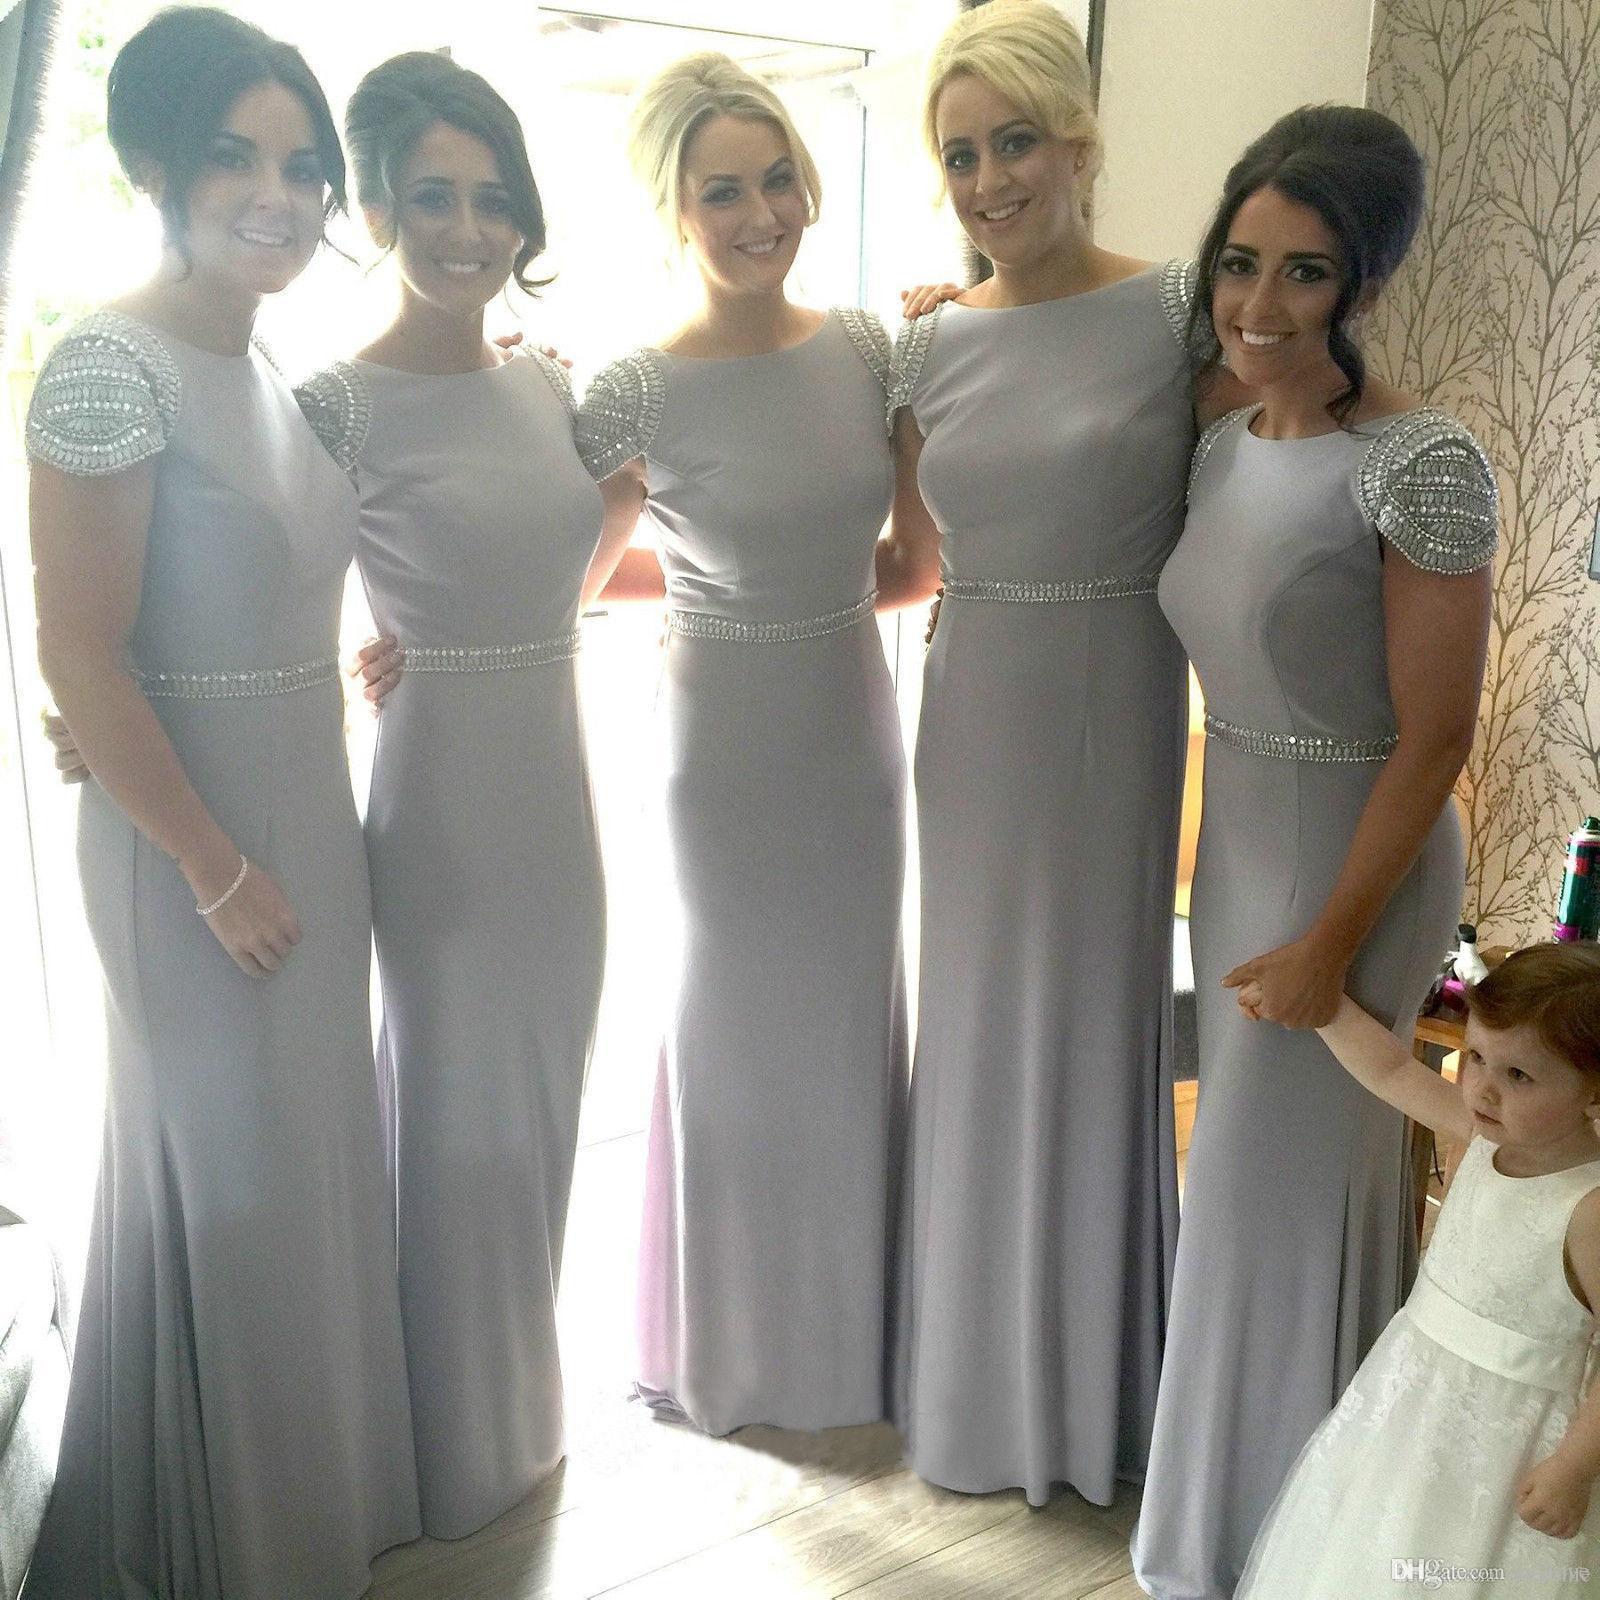 Vestidos de dama de honor grises largos Cap Manga Listones Cintura Hasta el suelo Vaina Vestidos de fiesta para niñas Vestido de invitados de boda Tamaño personalizado